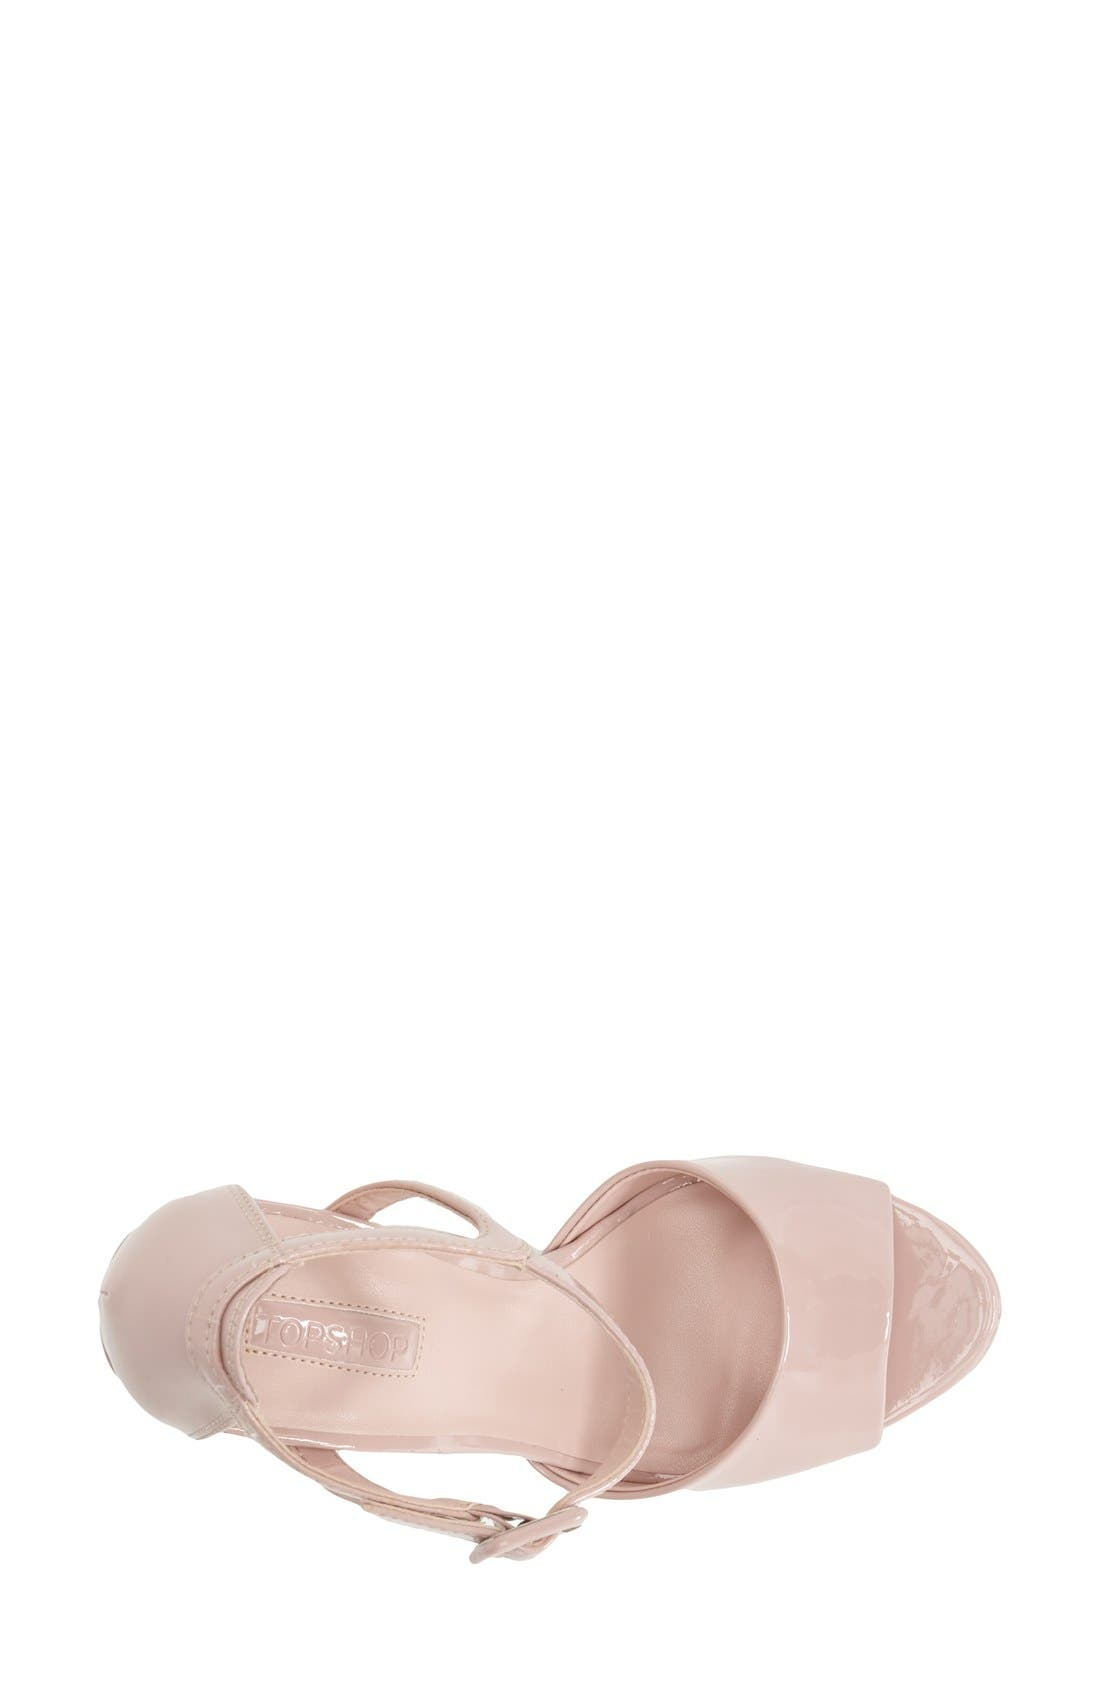 Alternate Image 3  - Topshop 'Lena' Ankle Strap Platform Sandal (Women)